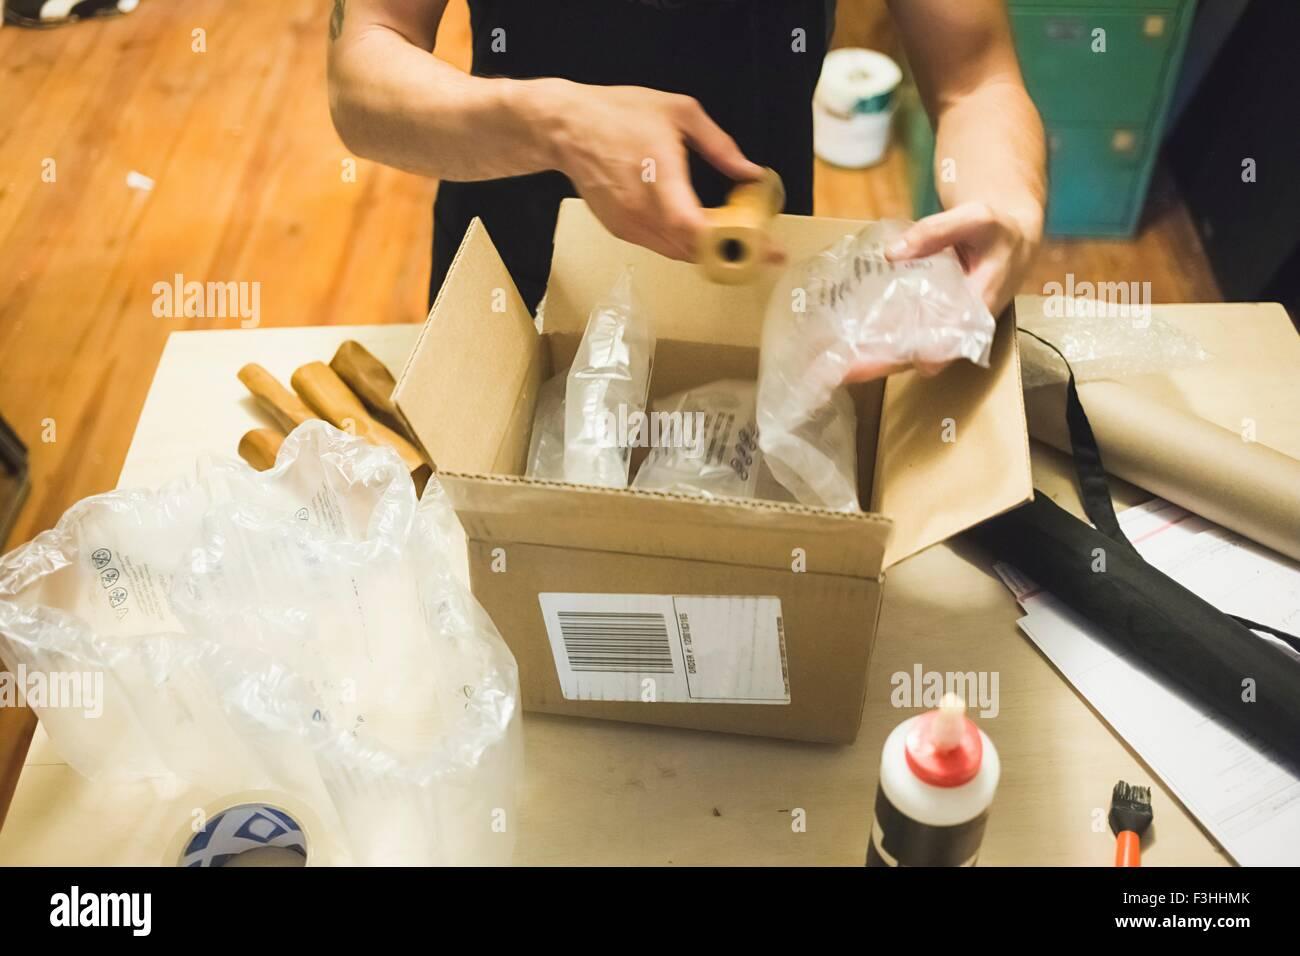 Angolo di alta vista di giovani mans mani utilizzando Bubble wrap per preparare il pacco per la consegna Immagini Stock